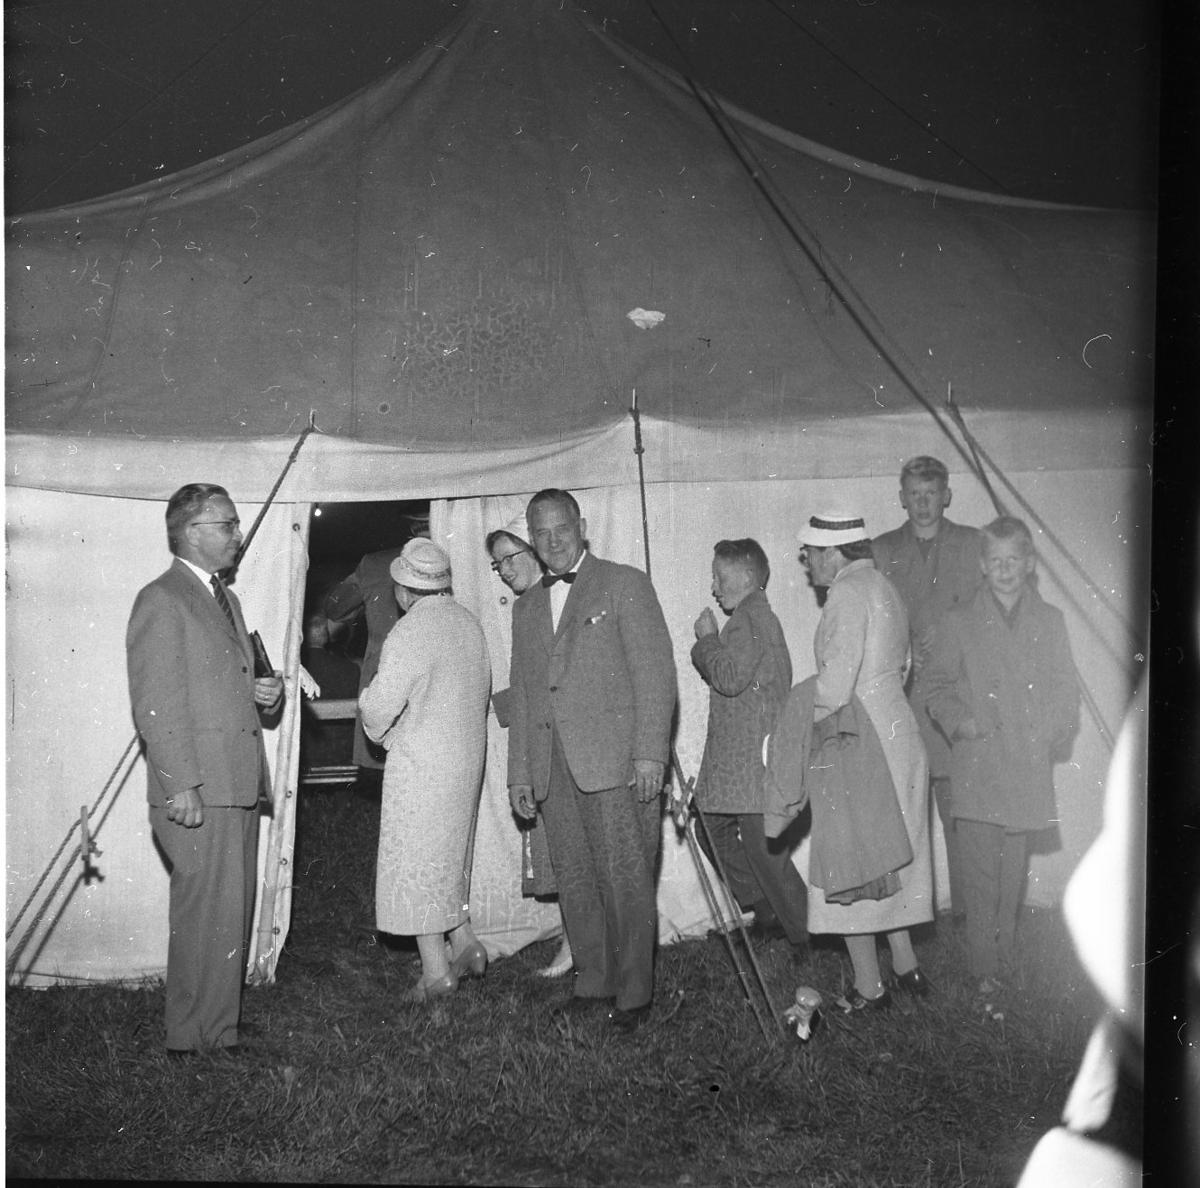 En mindre folksamling på väg in i ett stort tält. Mannen till vänster är pastor Robert Svensson.